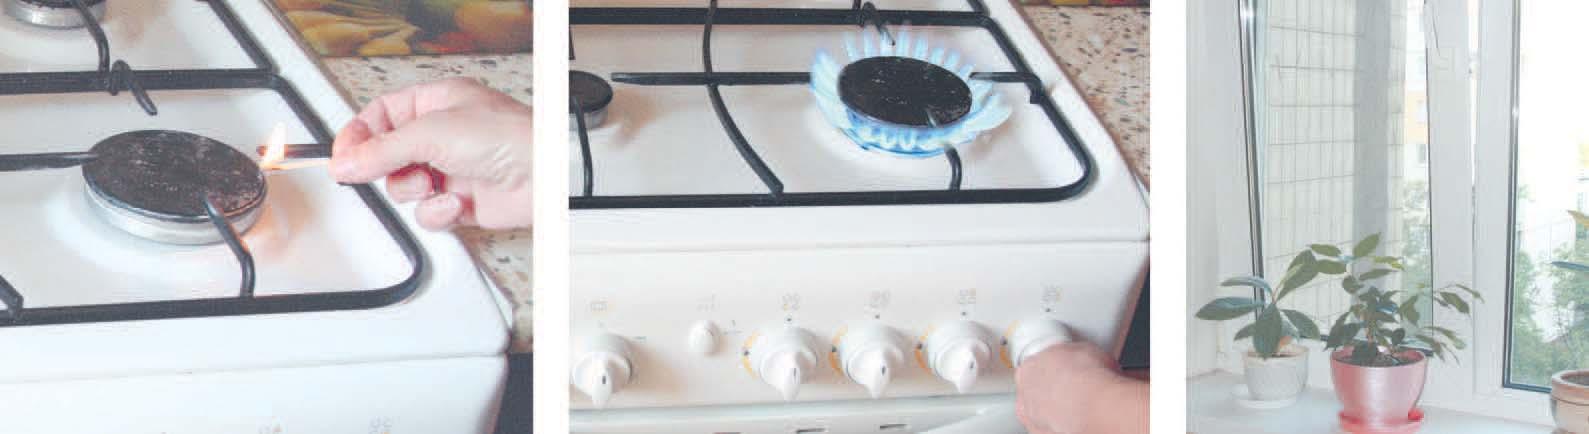 Правила пользования газовой плитой ОБЖ Реферат доклад  Во время работы газовой плиты форточку держать открытой